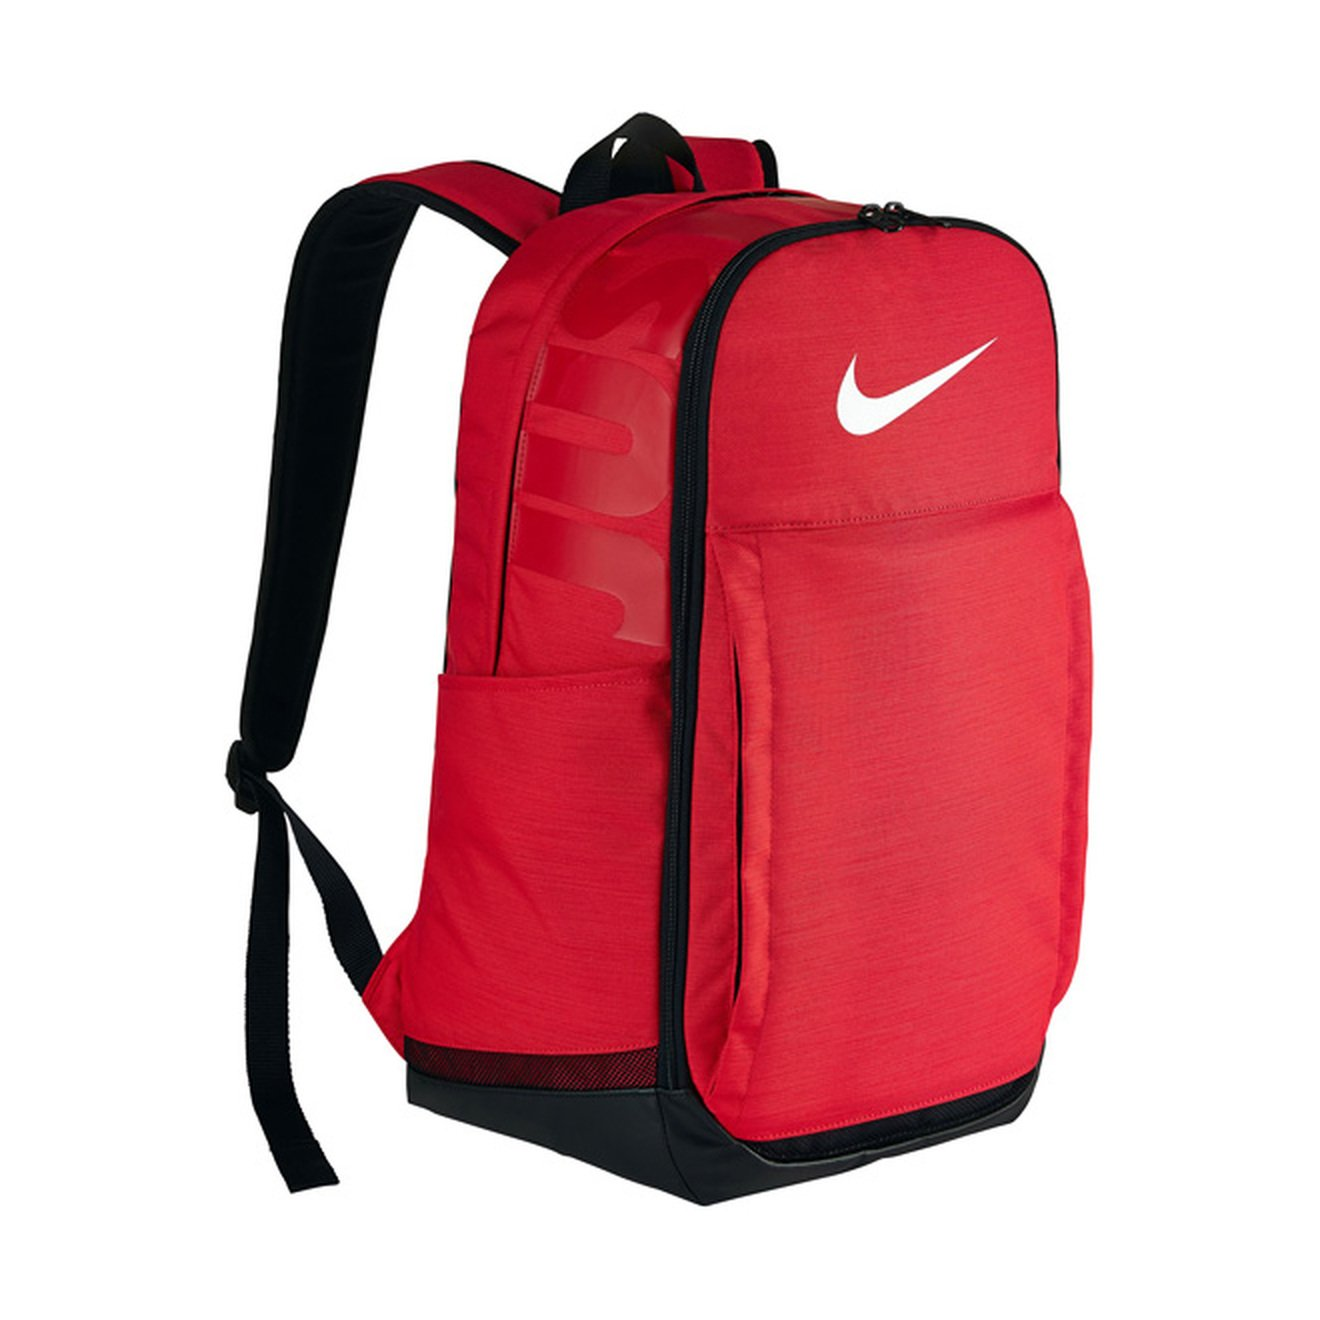 5b44f86c9b Amazon.com: Nike Brasilia Extra Large Training Backpack,University Red  (657),One Size: Sports & Outdoors